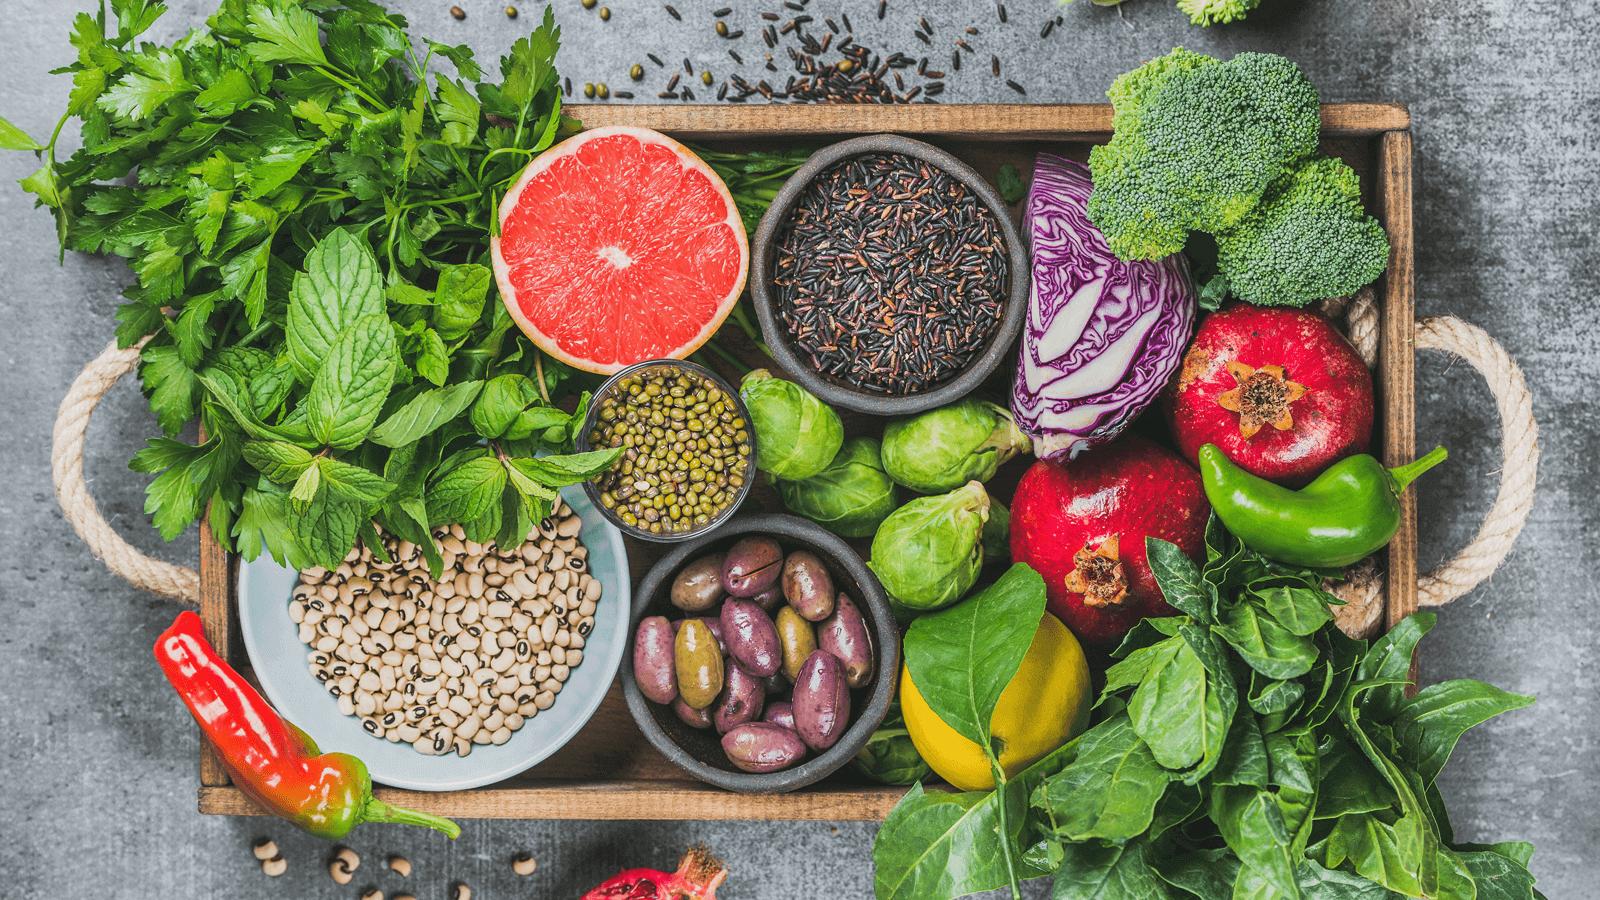 Eat clean là gì? Chế độ ăn eat clean tốt và hiệu quả ?